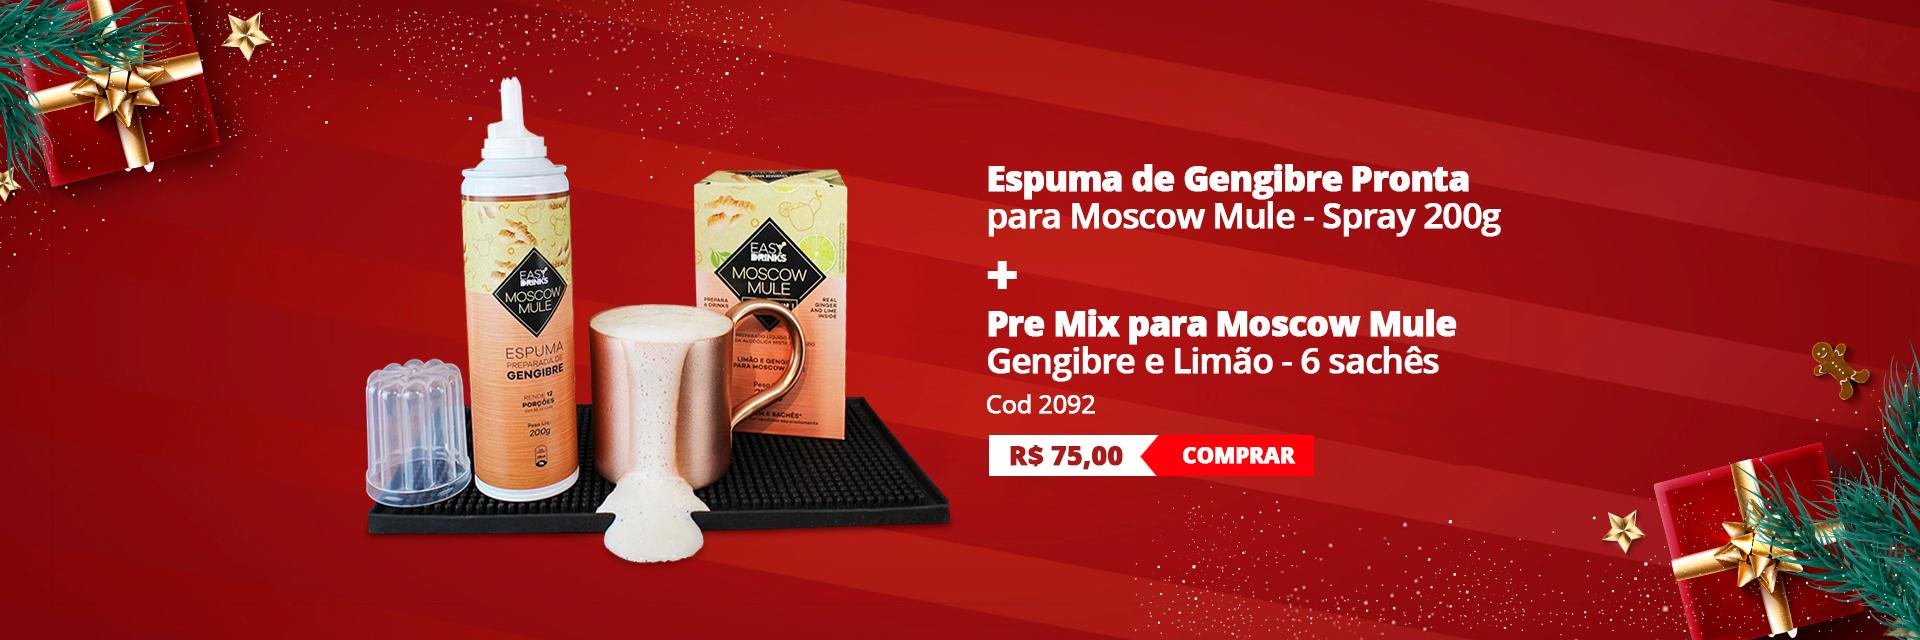 Kit Moscow Mule Pronto Espuma de Gengibre e 6 sachês Pre Mix